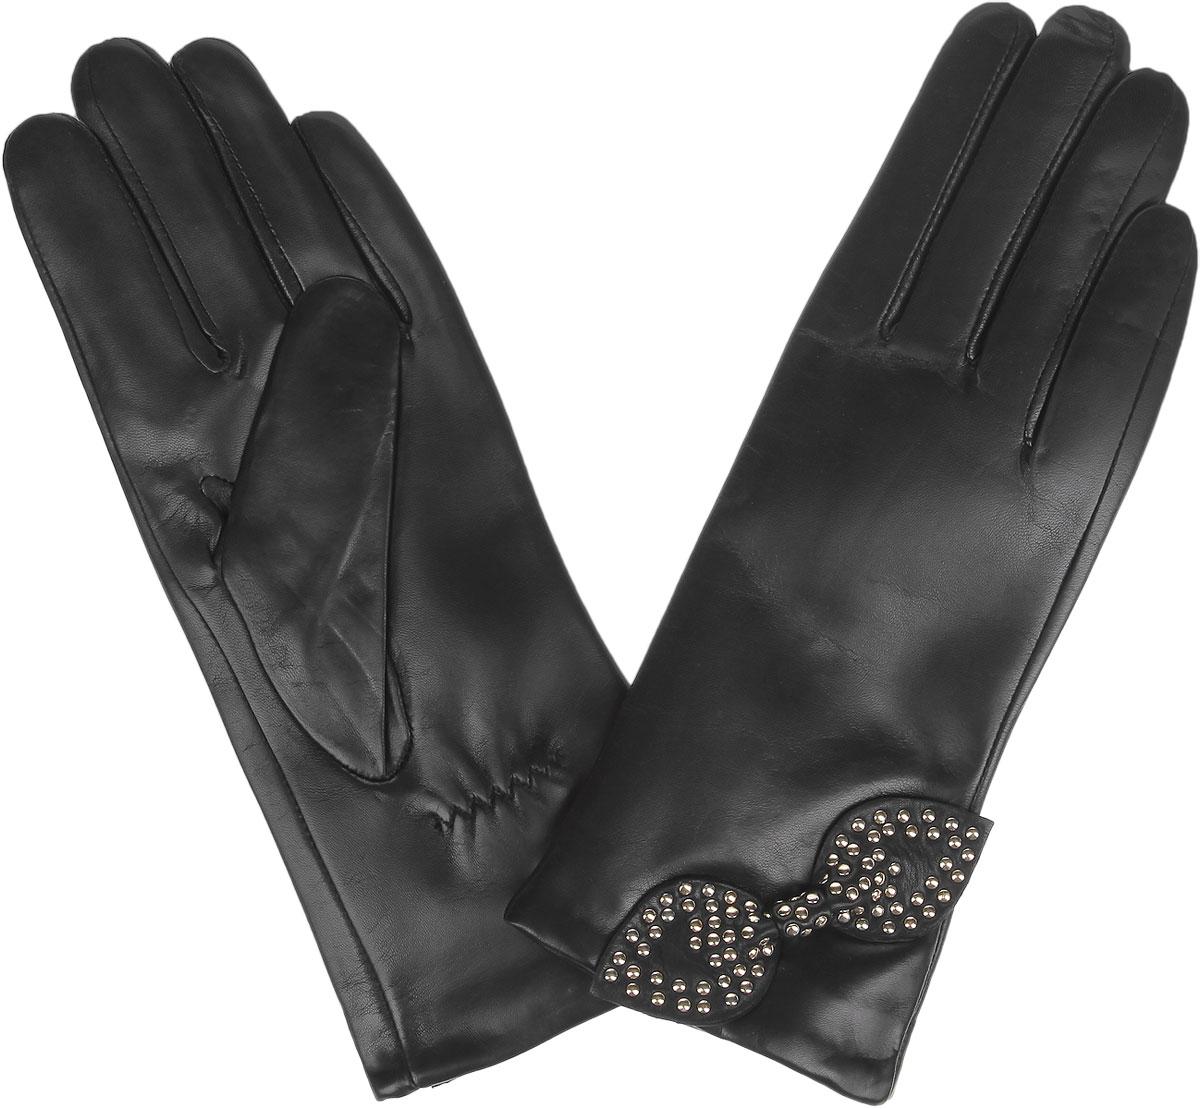 Перчатки женские. 9.79-19.79-1_blackЖенские перчатки Fabretti не только защитят ваши руки от холода, но и станут стильным украшением вашего образа. Перчатки изготовлены из натуральной кожи с подкладкой из шерсти с добавлением кашемира. Лицевая сторона модели декорирована бантом с металлическими клепками. Запястье оснащено небольшой резинкой, фиксирующей модель на руке. Перчатки Fabretti станут завершающим и подчеркивающим элементом вашего стиля.